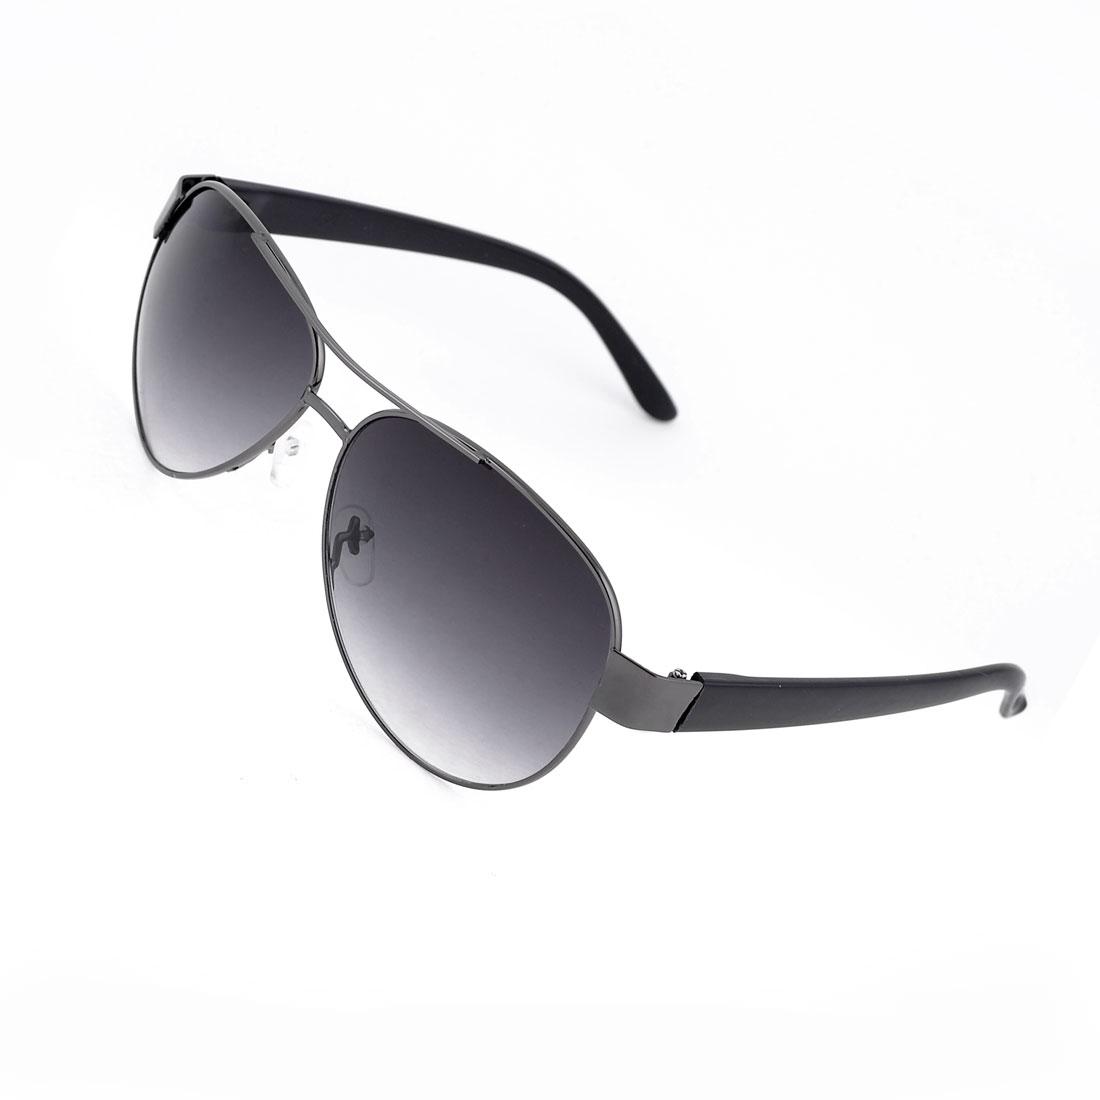 Dark Gray Waterdrop Lens Full Frame Double Bridge Sports Sunglasses for Men